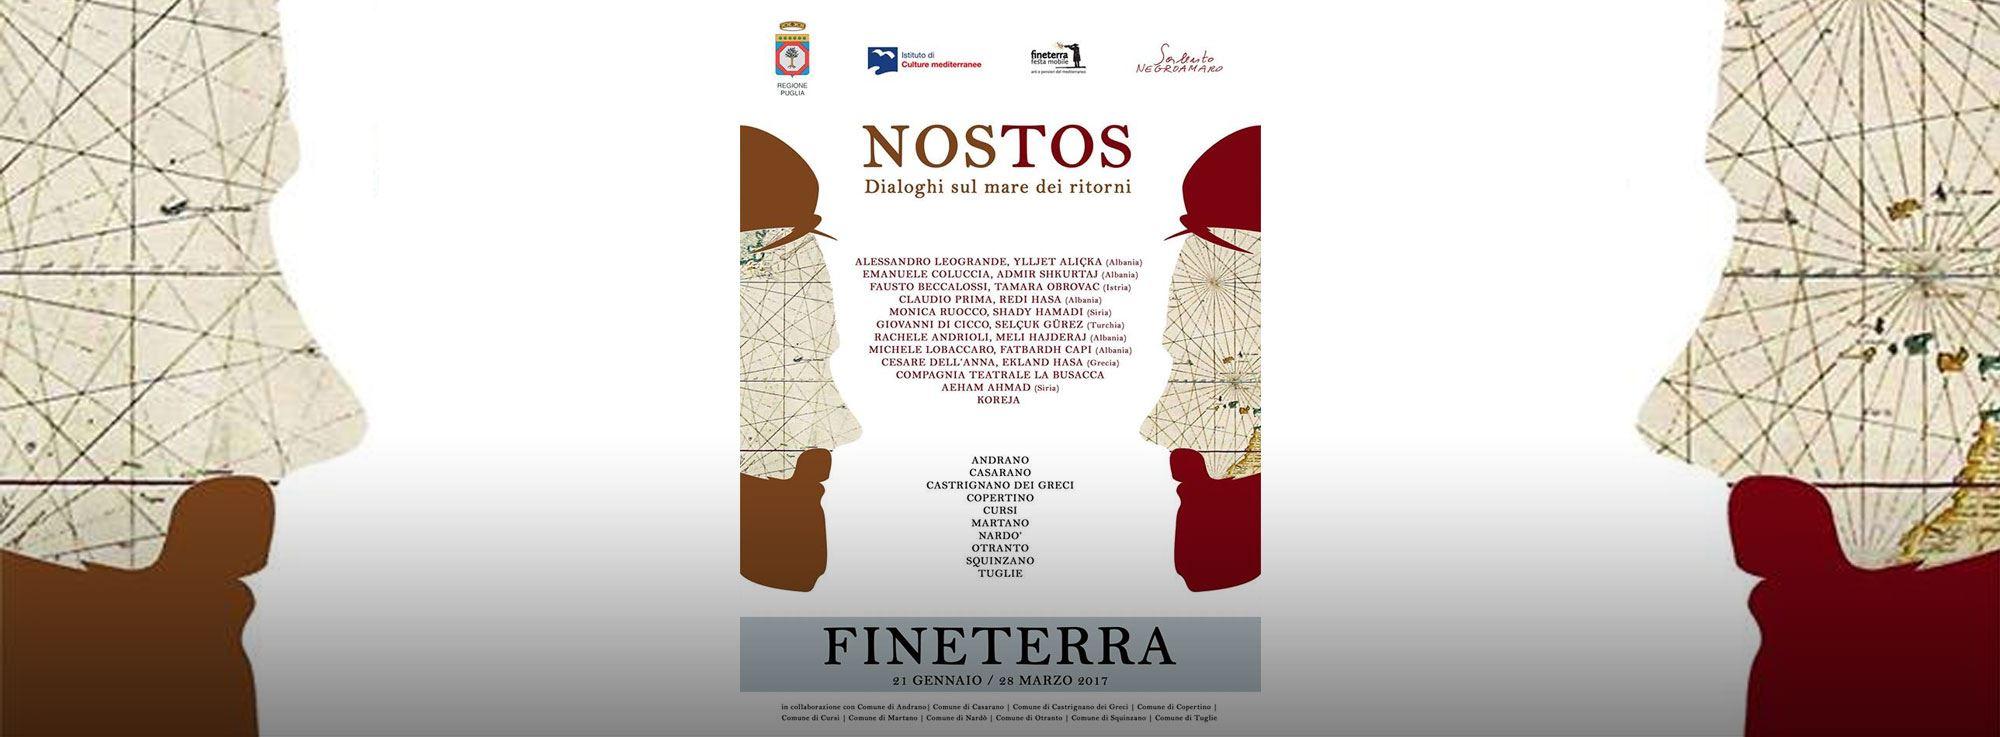 Comuni provincia Lecce: Nostos, dialoghi sul mare dei ritorni